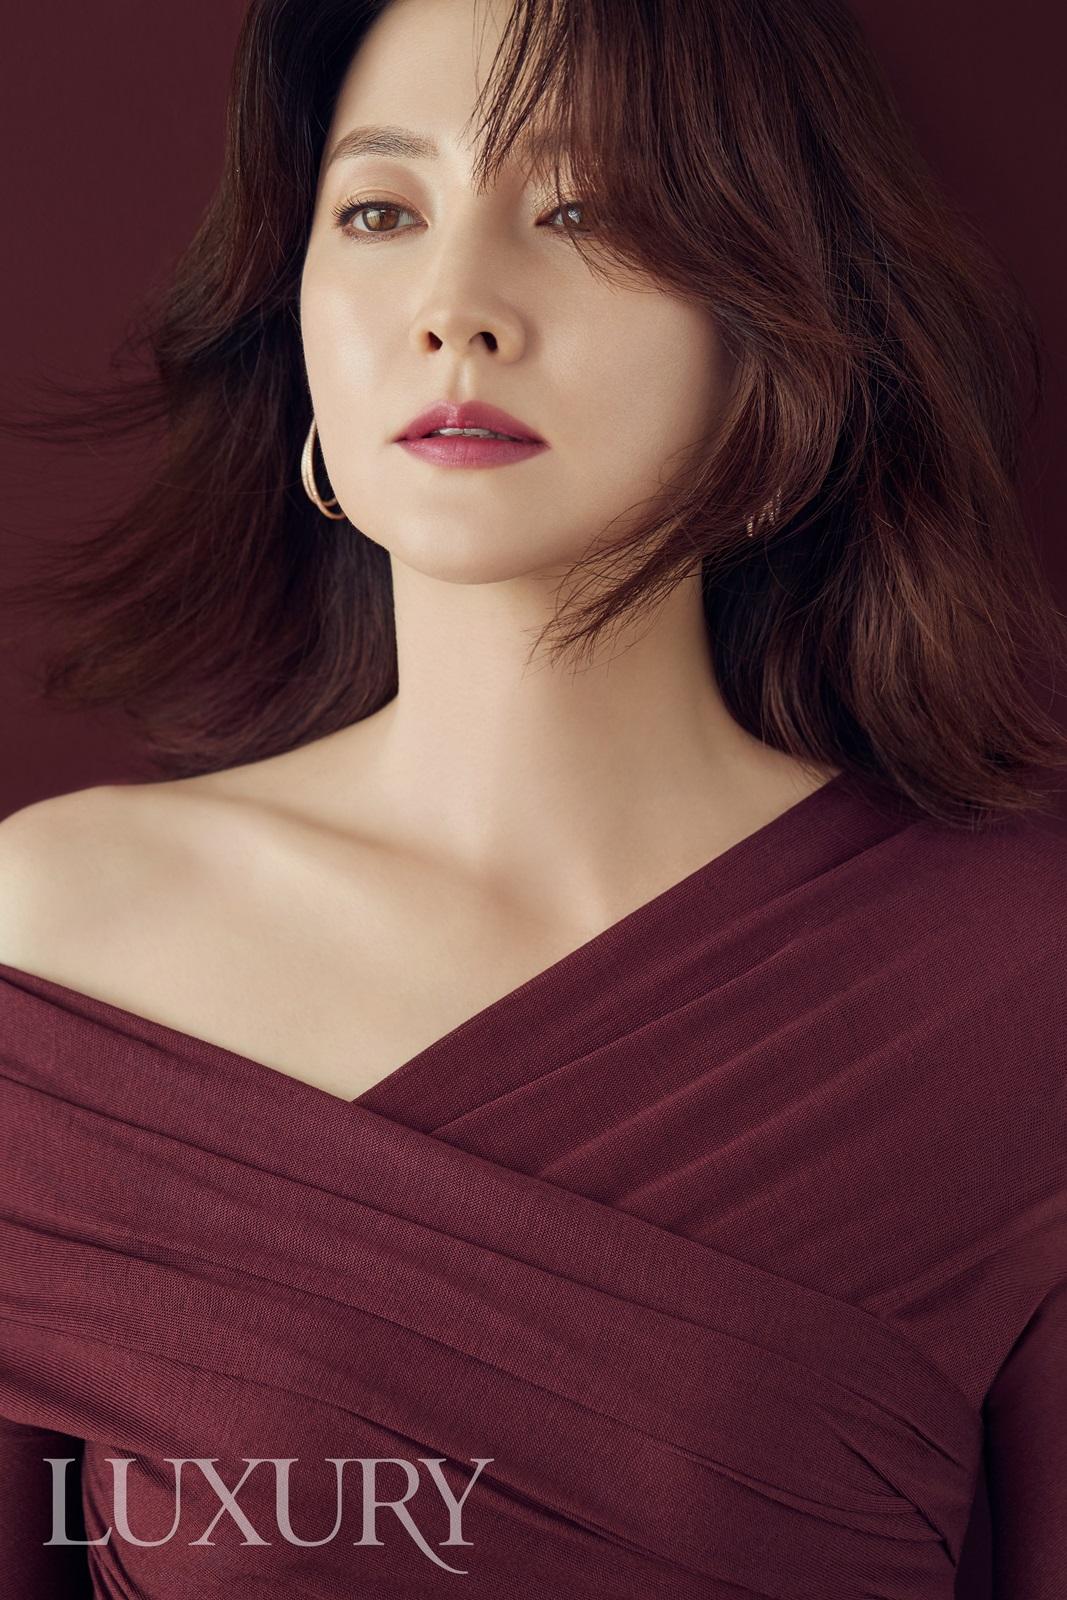 이영애 화보 : 골든듀 JLOOK 이영애LYA LOVE 캠페인 : 네이버 블로그